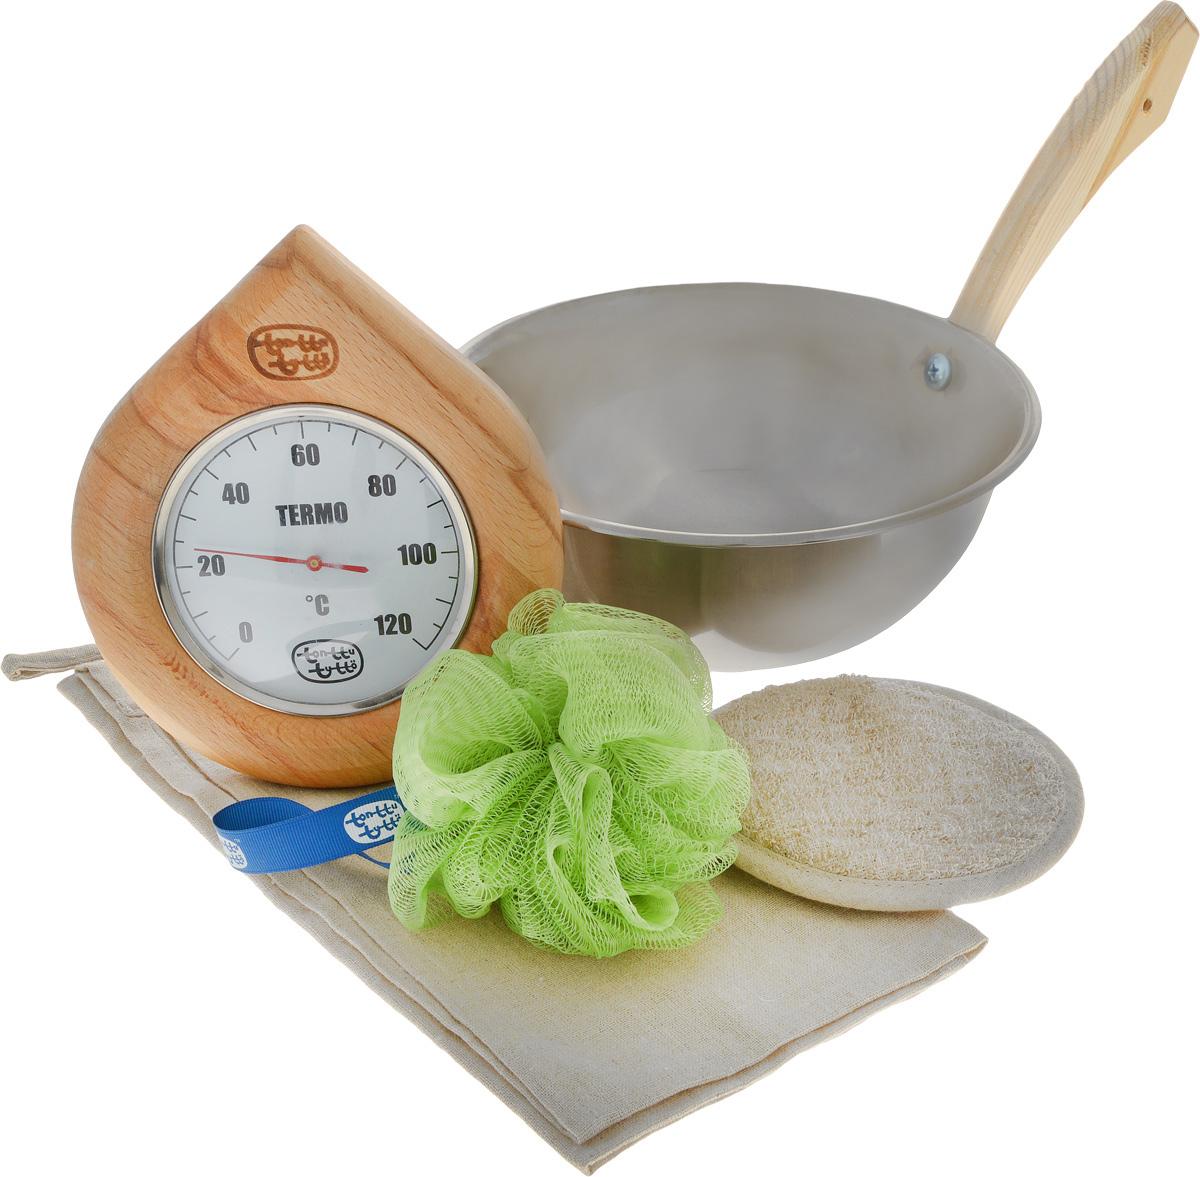 Набор для бани и сауны Доктор Баня Подарочный №3, 5 предметов905712Набор для бани и сауны Доктор Баня Подарочный №3 включает в себя: - Термометр, корпус которого выполнен из древесины. Он покажет температуру и не останется незамеченным для посетителей бани; - Ковш-черпак, изготовленный из металла с деревянной ручкой; - Мочалку, выполненную из льна и хлопка; - Синтетический спонж из нейлона; - Салфетку, изготовленную из льна и хлопка, которая убережет вас от горячей полки. Такой набор поможет с удовольствием и пользой провести время в бане, а также станет чудесным подарком друзьям и знакомым, которые по достоинству его оценят при первом же использовании. Размер салфетки: 44 х 60 см. Диаметр мочалки: 13 см. Диаметр ковша: 22 см. Высота ковша: 9 см. Длина ручки ковша: 18 см.